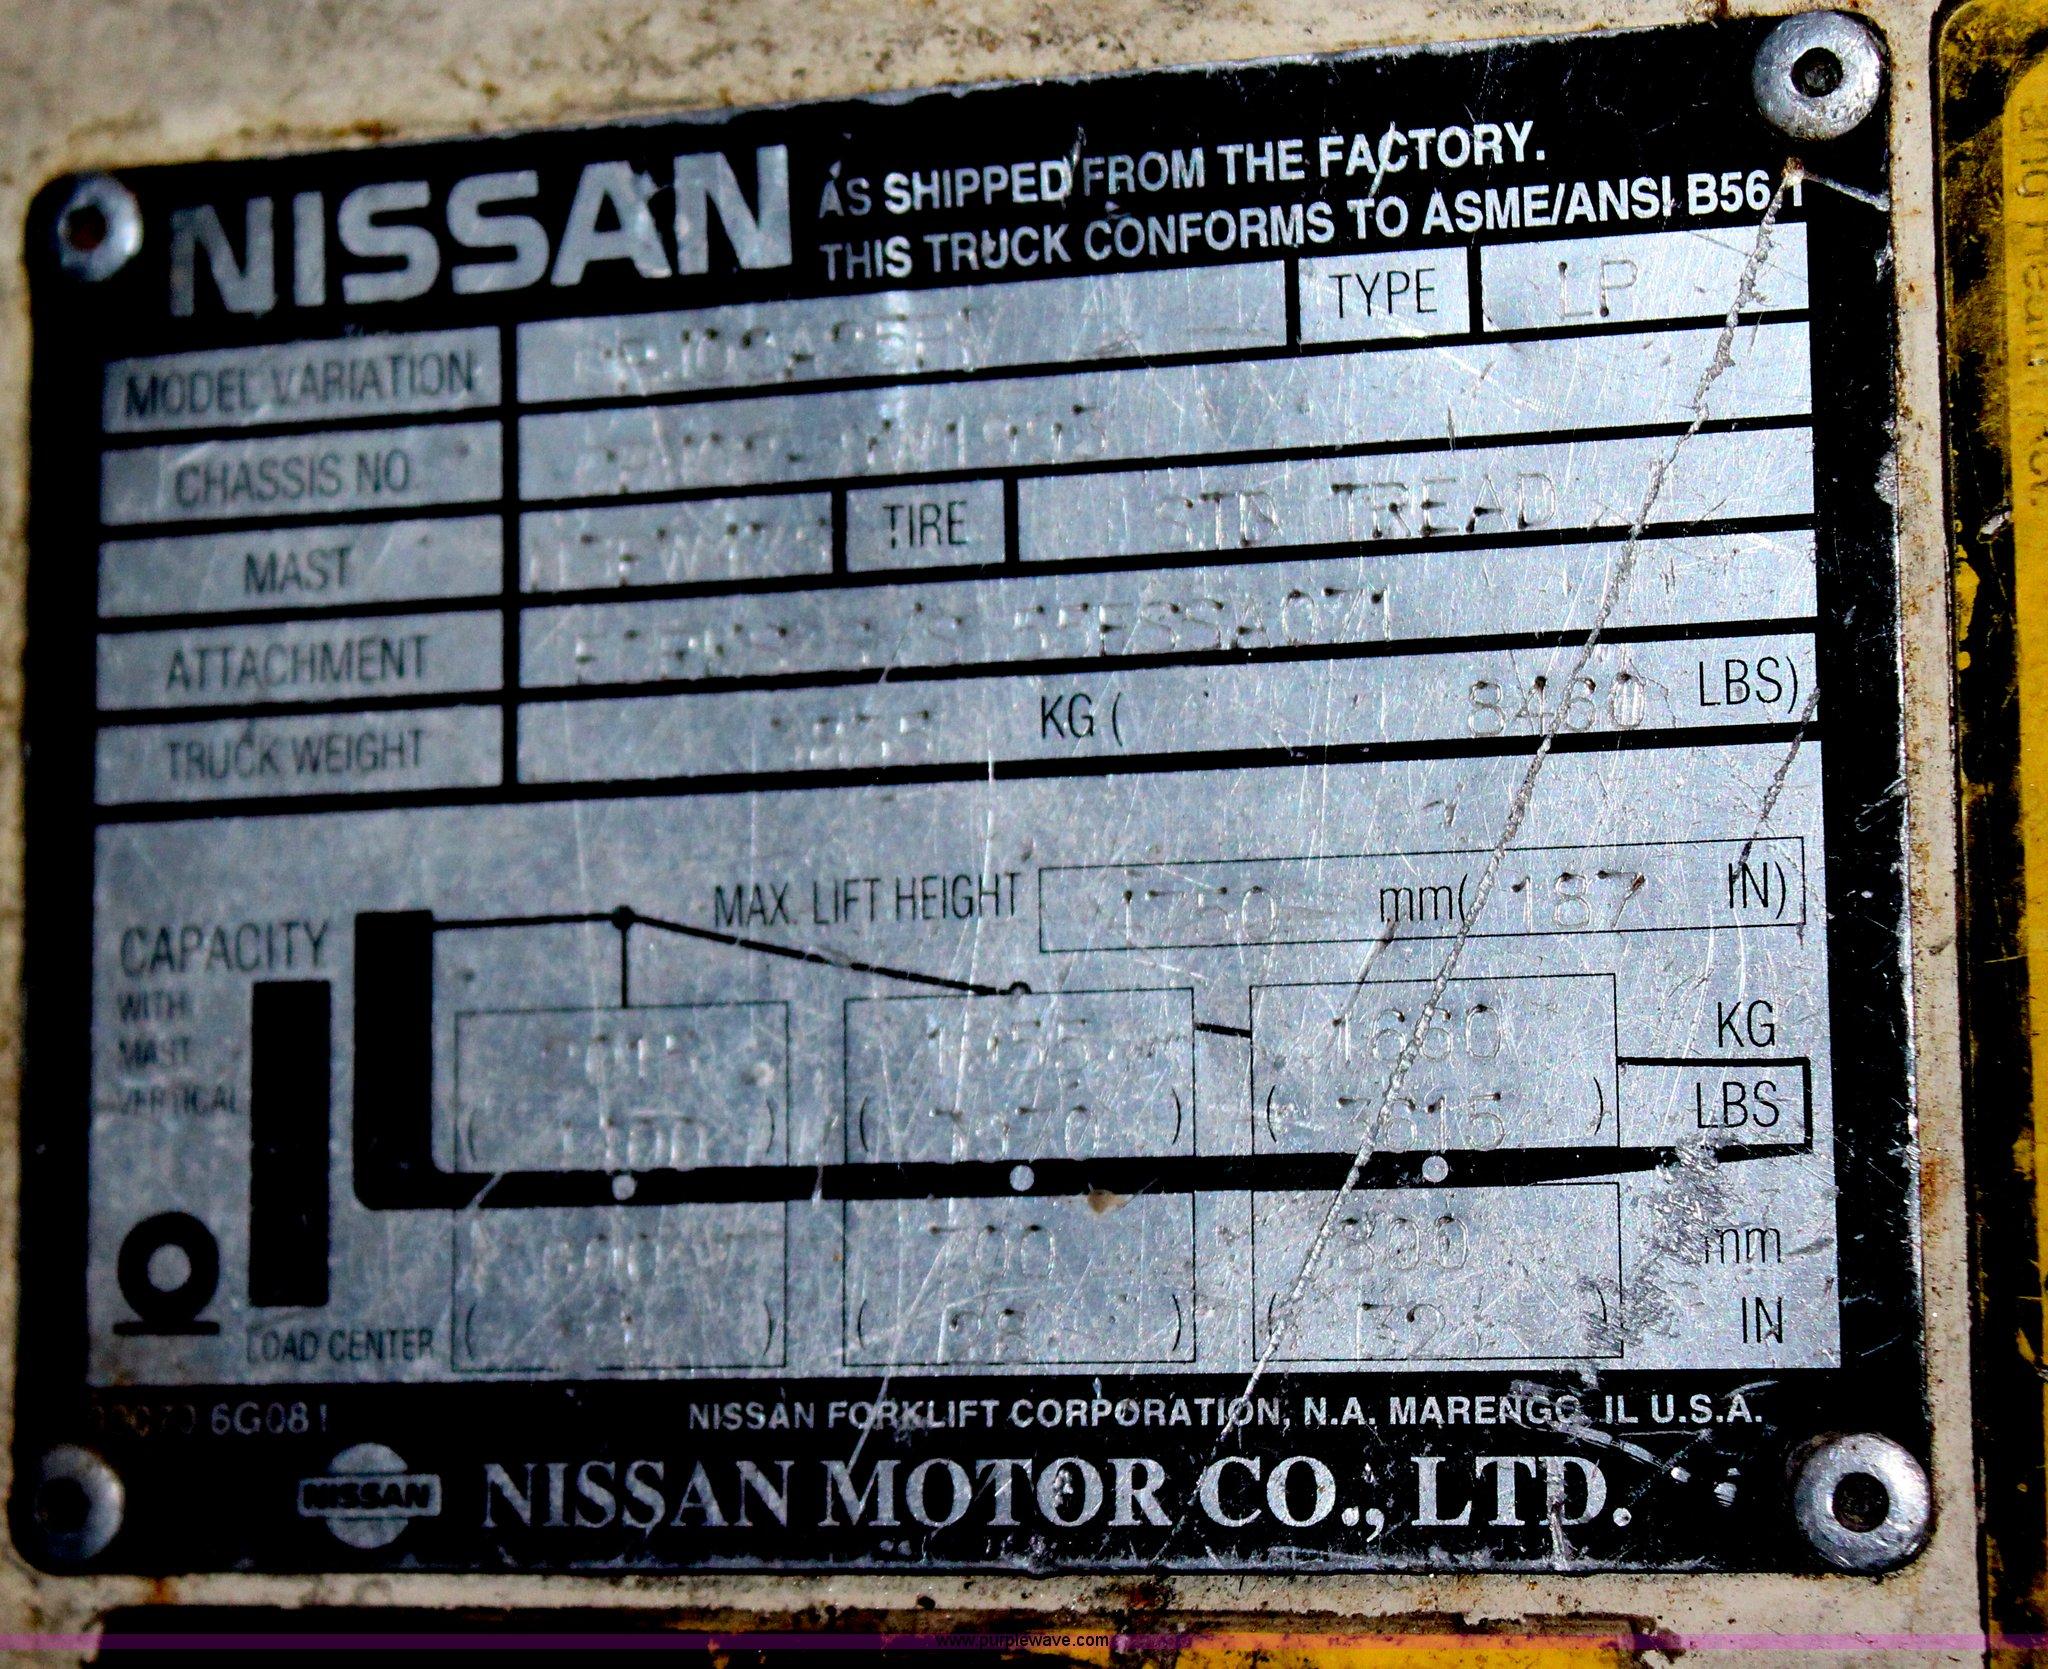 Forklift Serial Number Decoder - engtattoo's blog